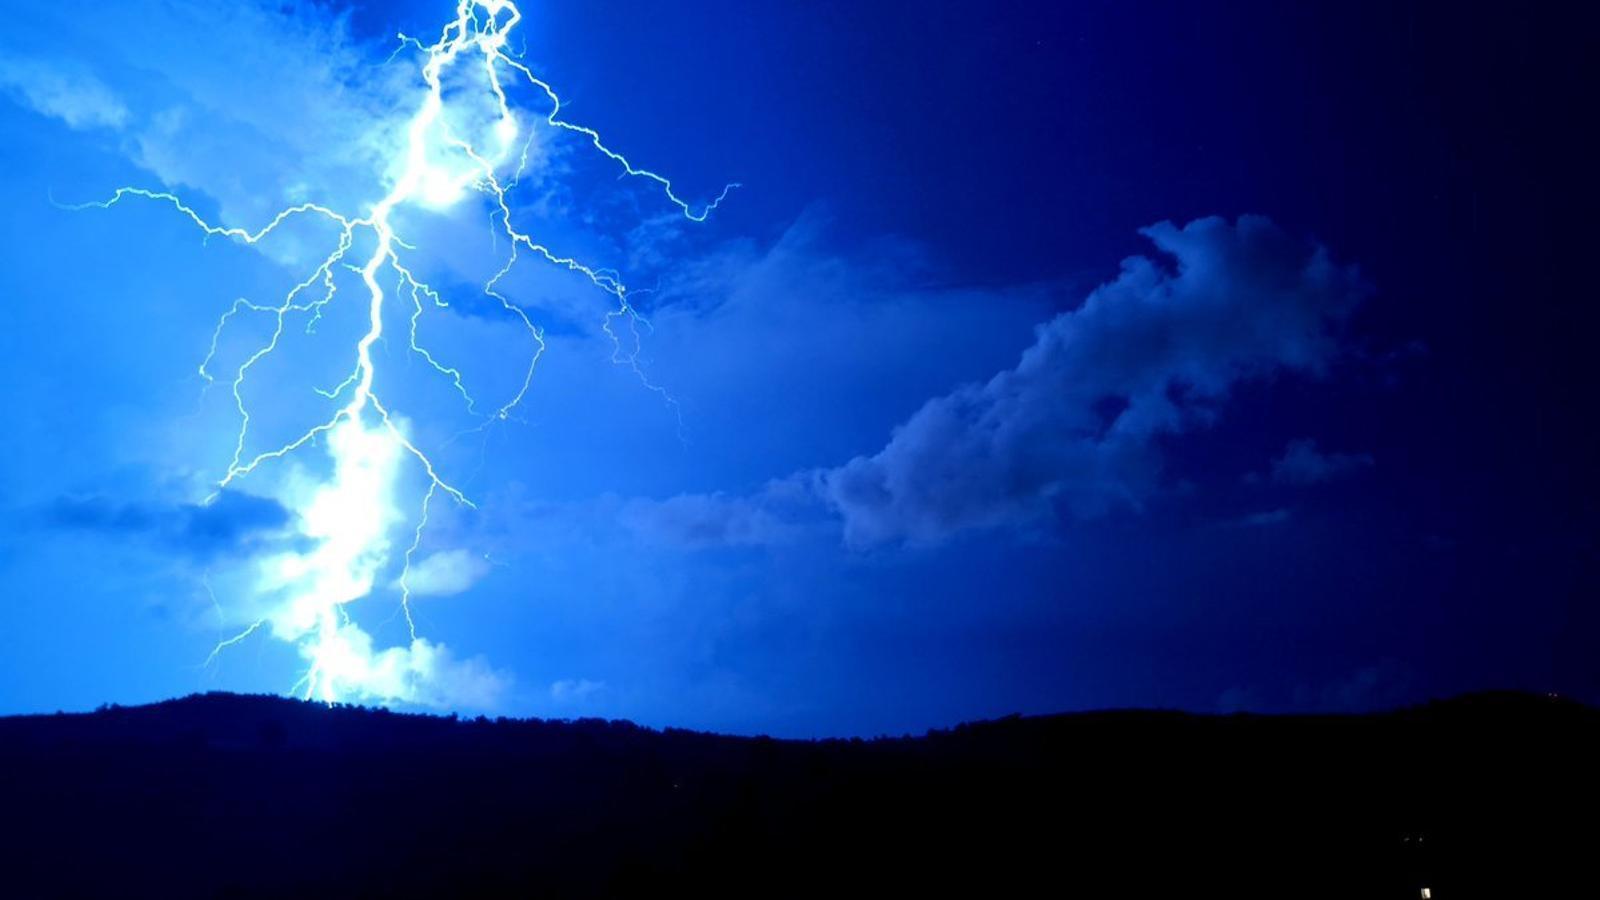 La tempesta que ahir a la nit va afectar el Garraf vista des de Viladellops, Olèrdola.